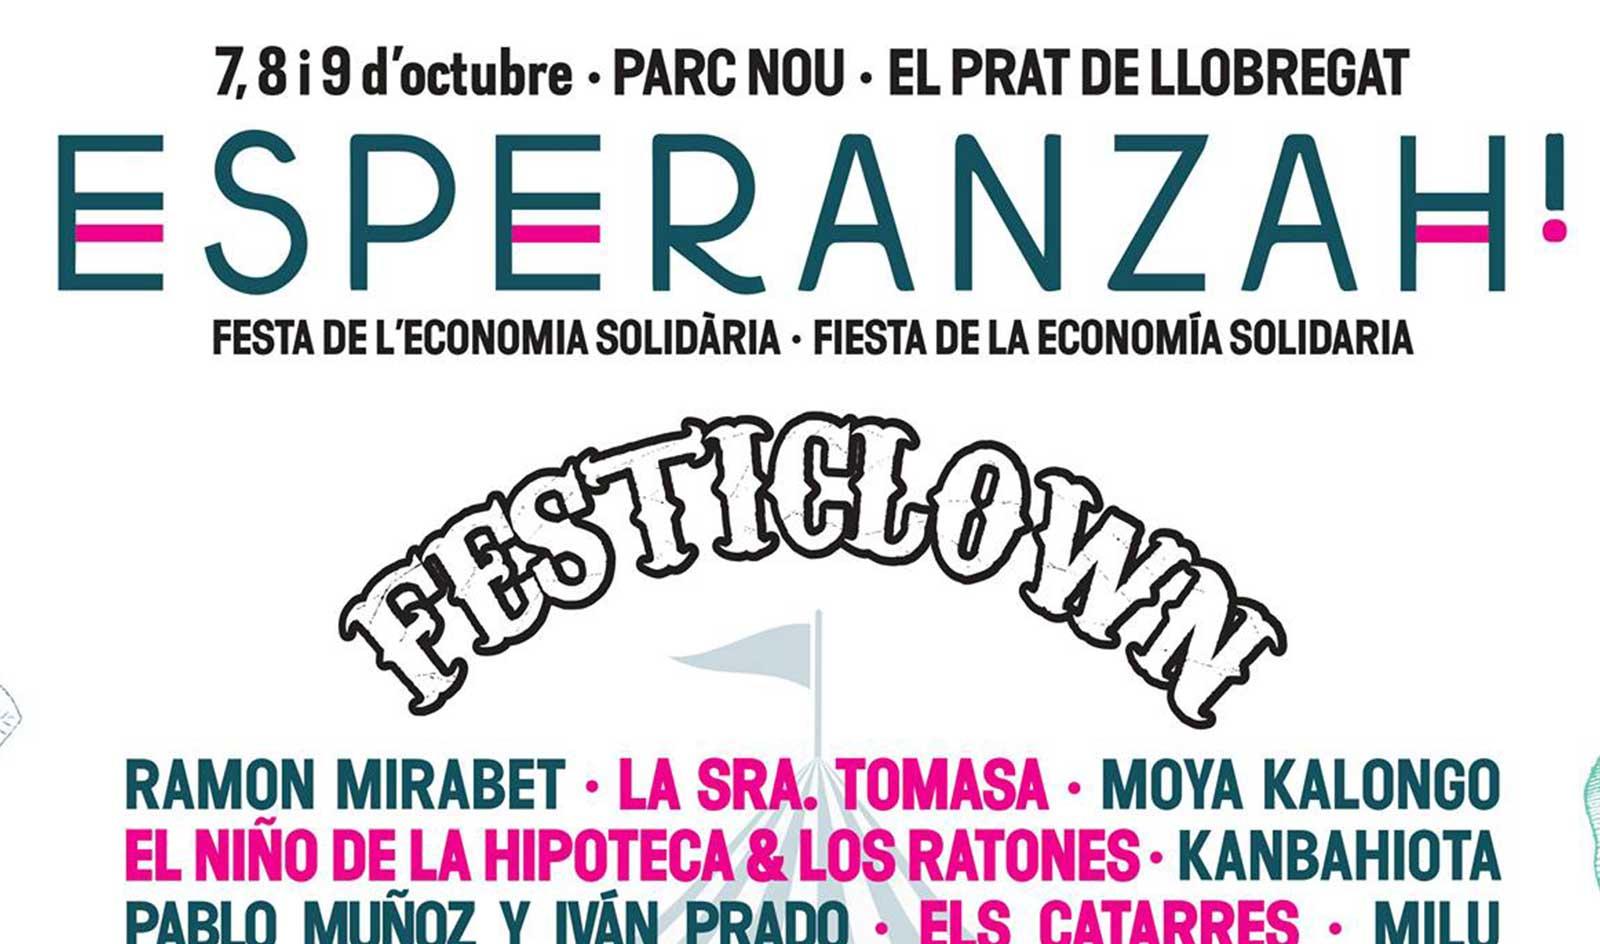 No et perdis el diumenge 9 d'octubre el Festival Esperanzah!, serà un punt de trobada per exigir l'obertura de fronteres